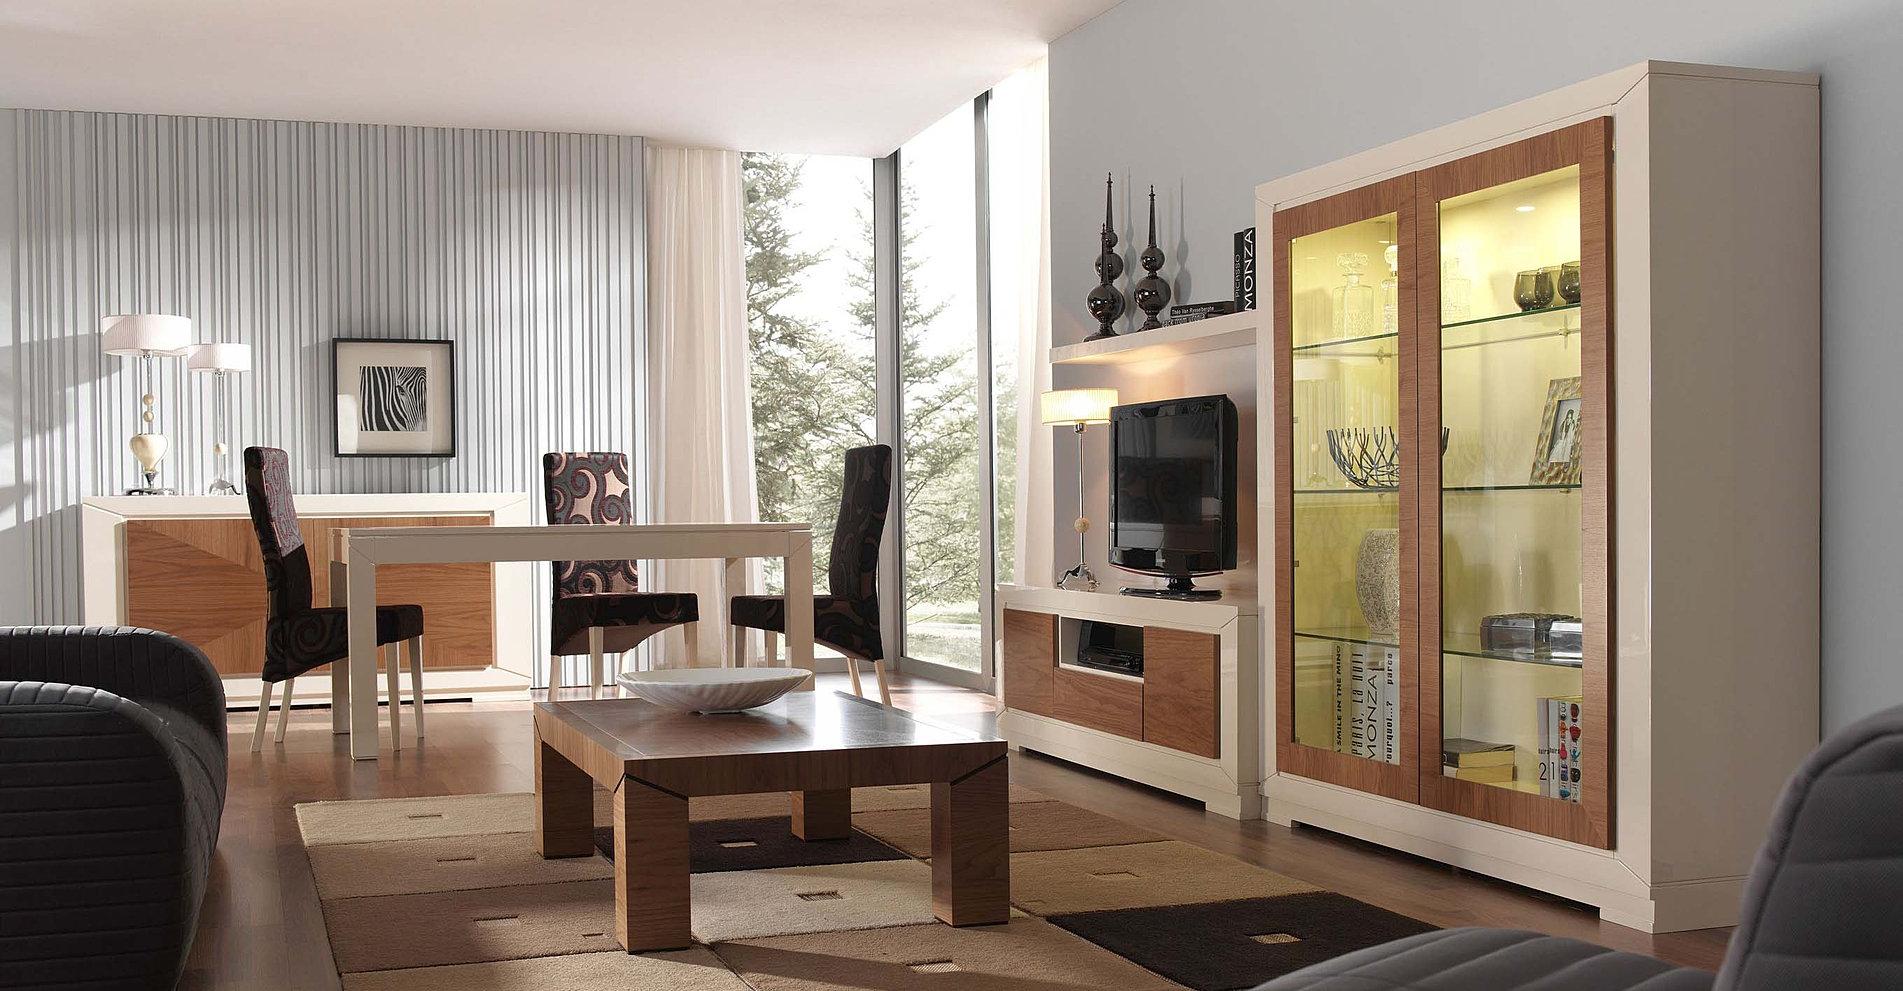 Salones contemporaneos en valladolid muebles de elite for Muebles tifon valladolid